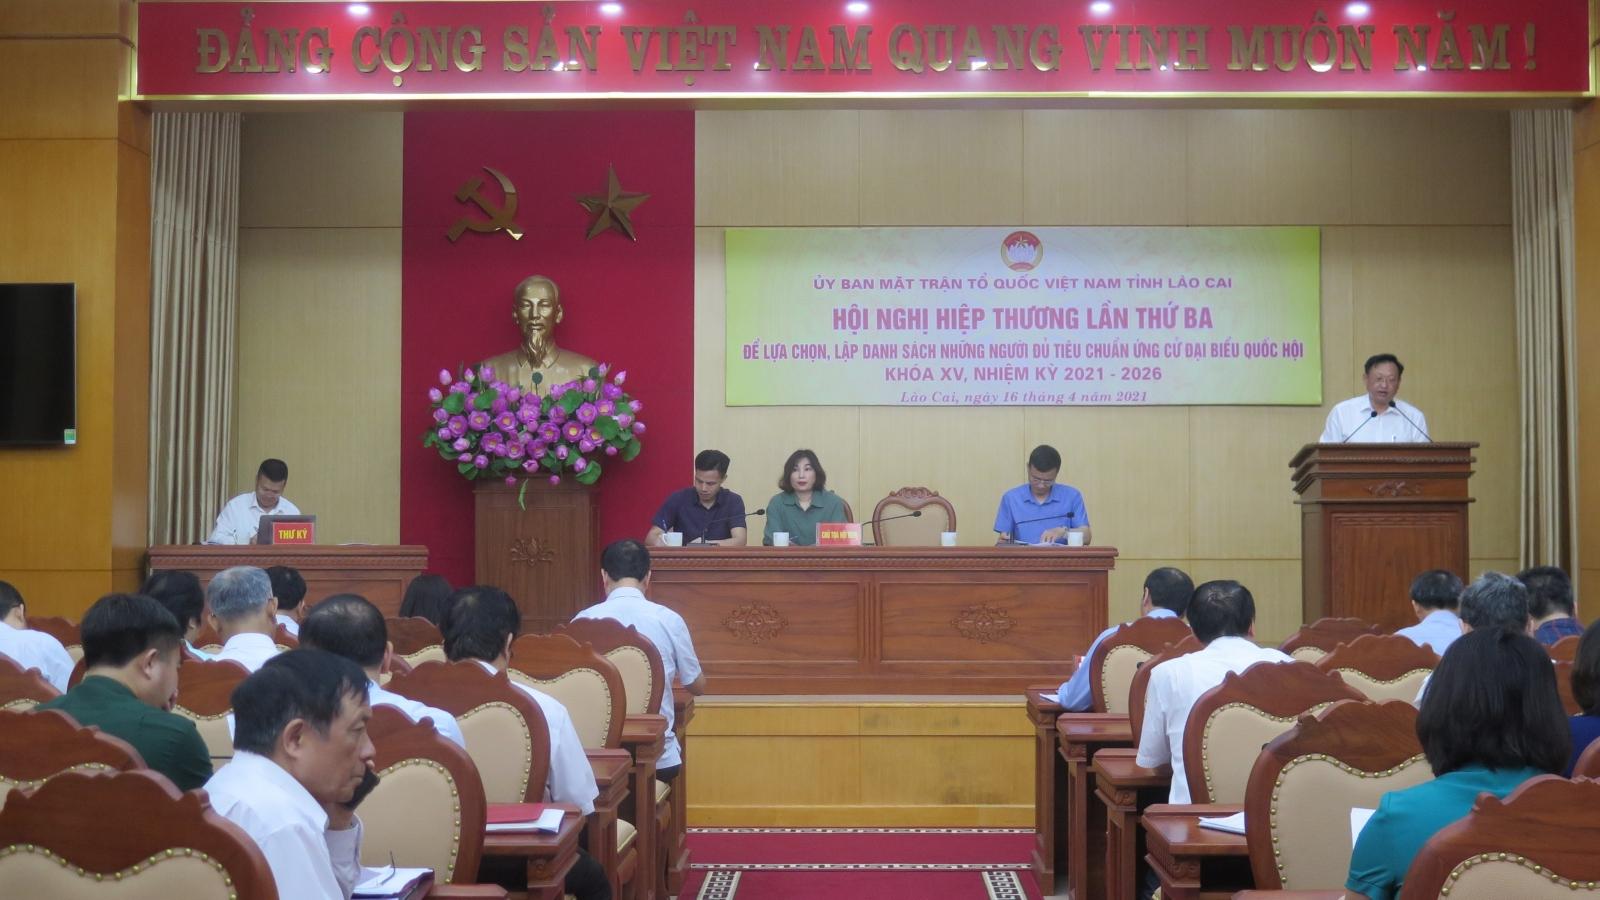 Ứng cử viên ĐBQH tỉnh Lào Cai có người dân tộc Mông và Tày